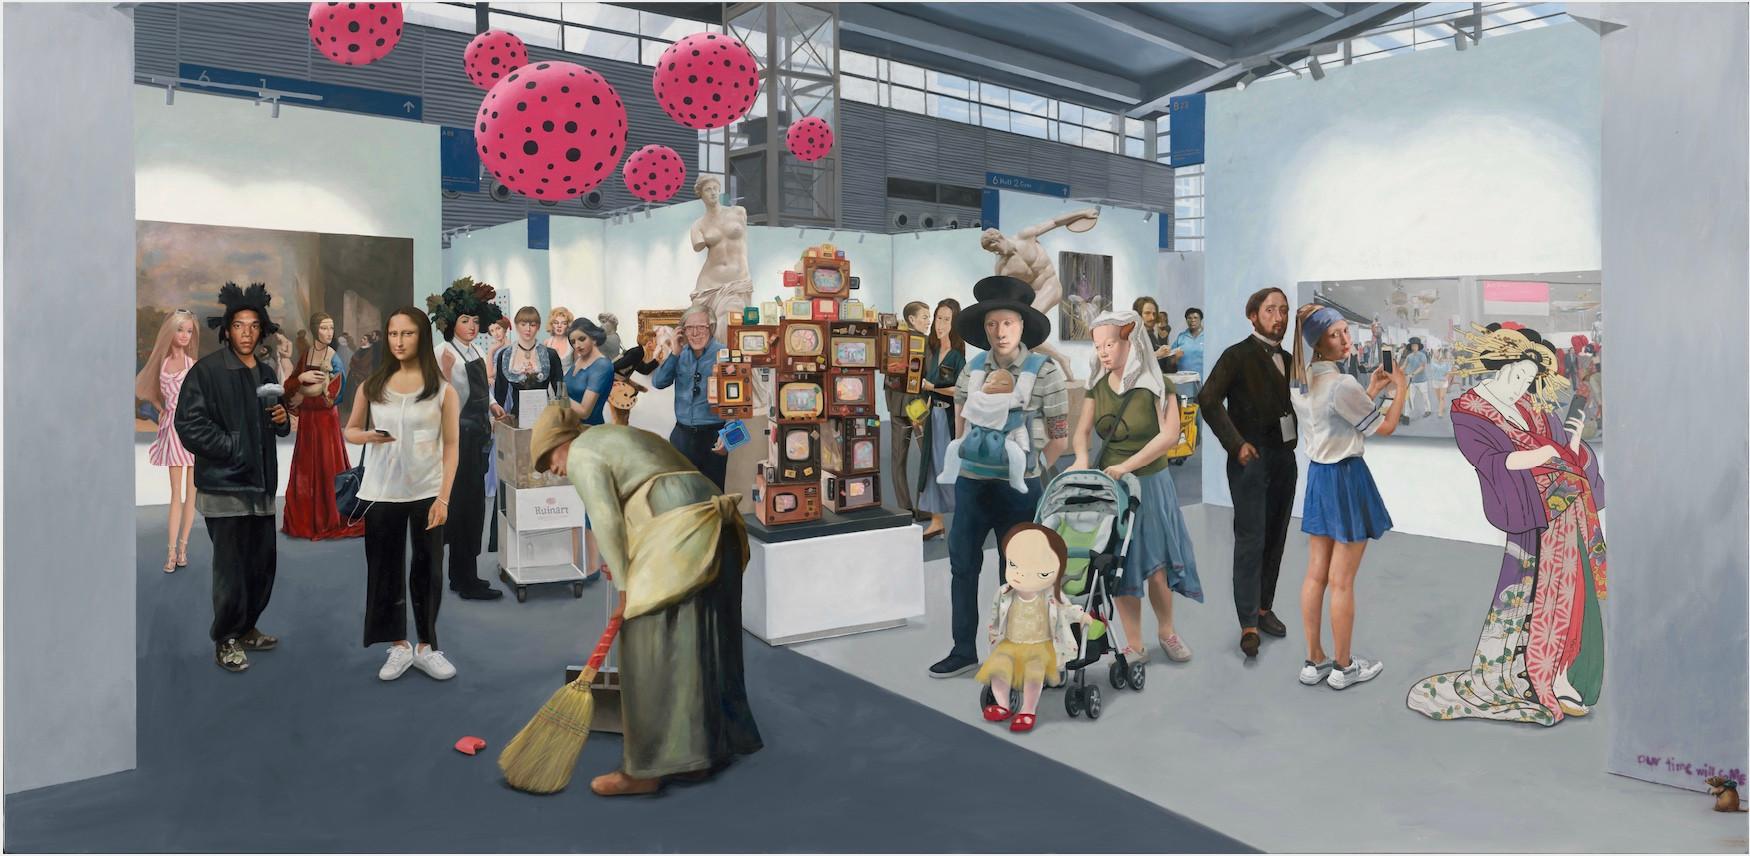 Kwon Neung Art Fair (2), 2019 Oil on canvas 93 x 190 cm